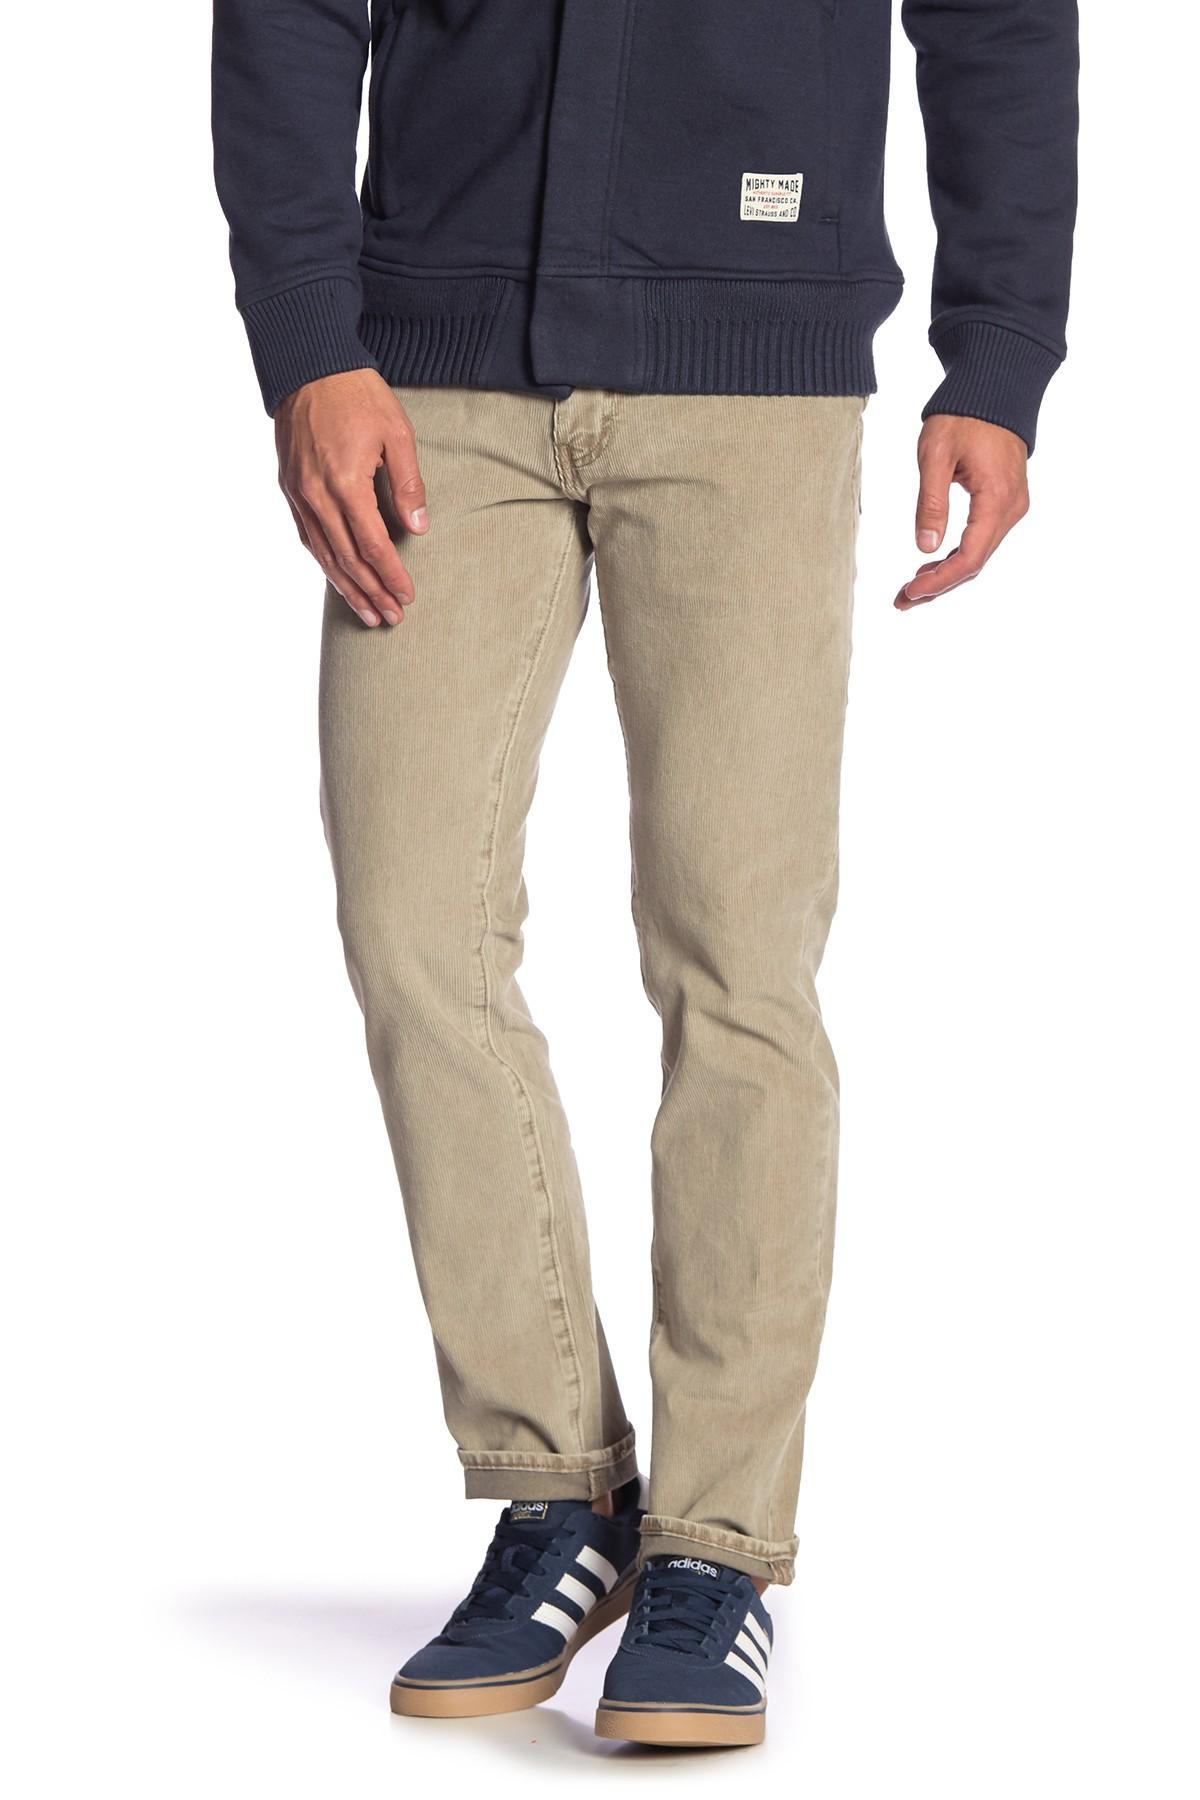 0d46cbb1 Levi's 511 Slim Fit Corduroy Pants - 32-34